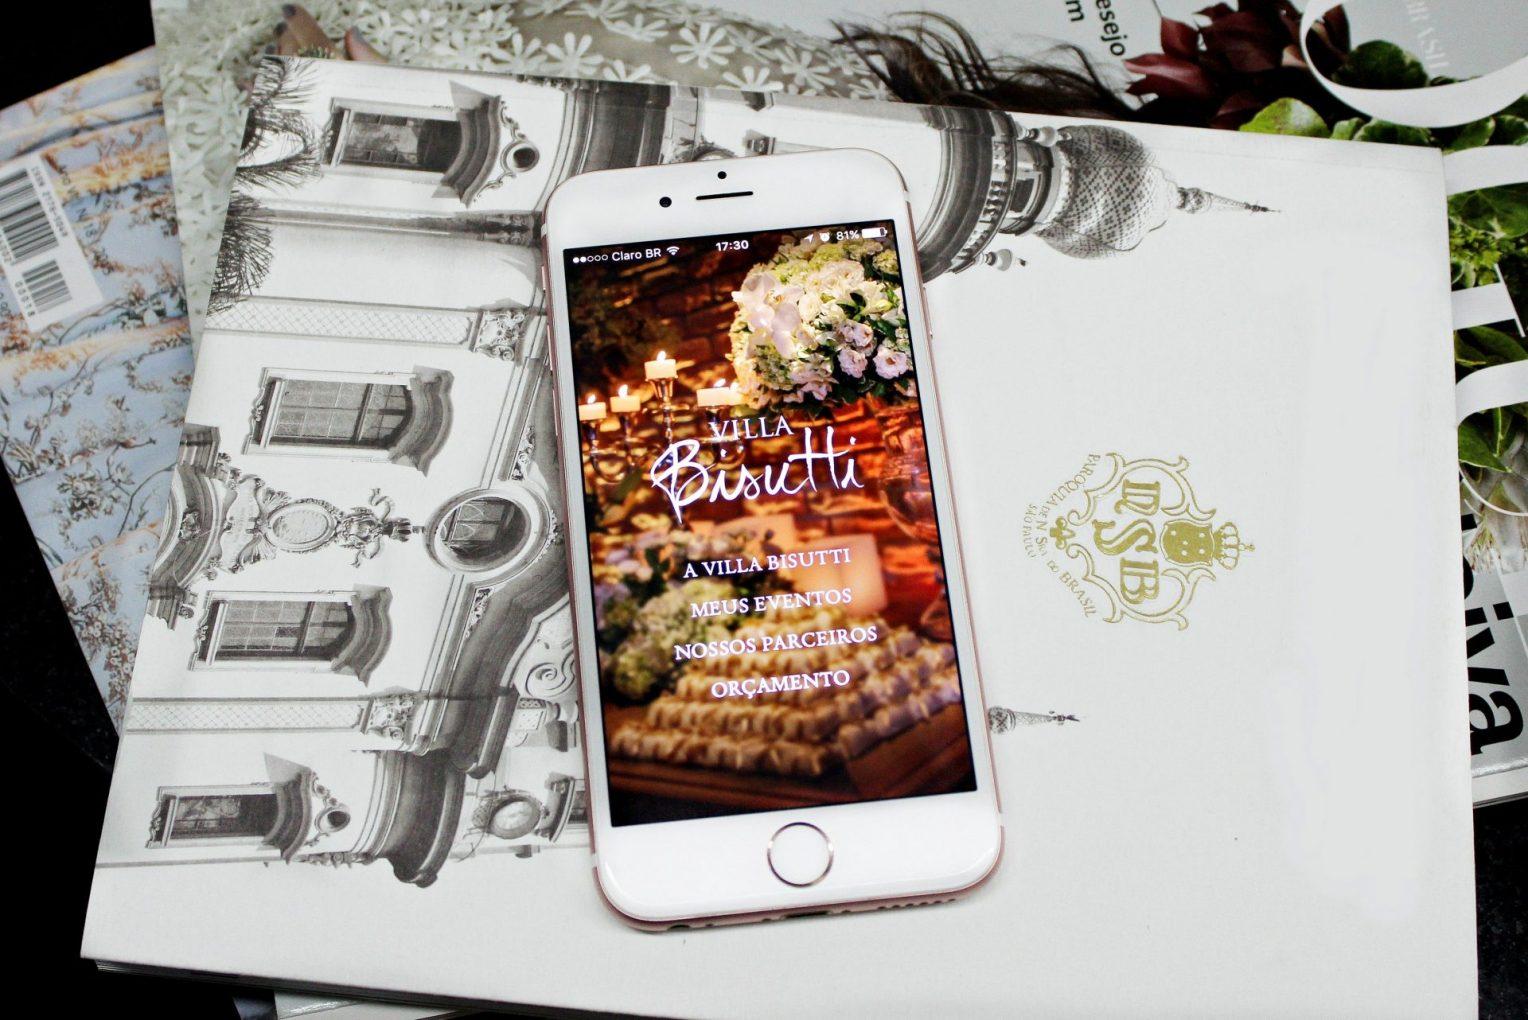 Já baixou o aplicativo Villa Bisutti em seu celular?